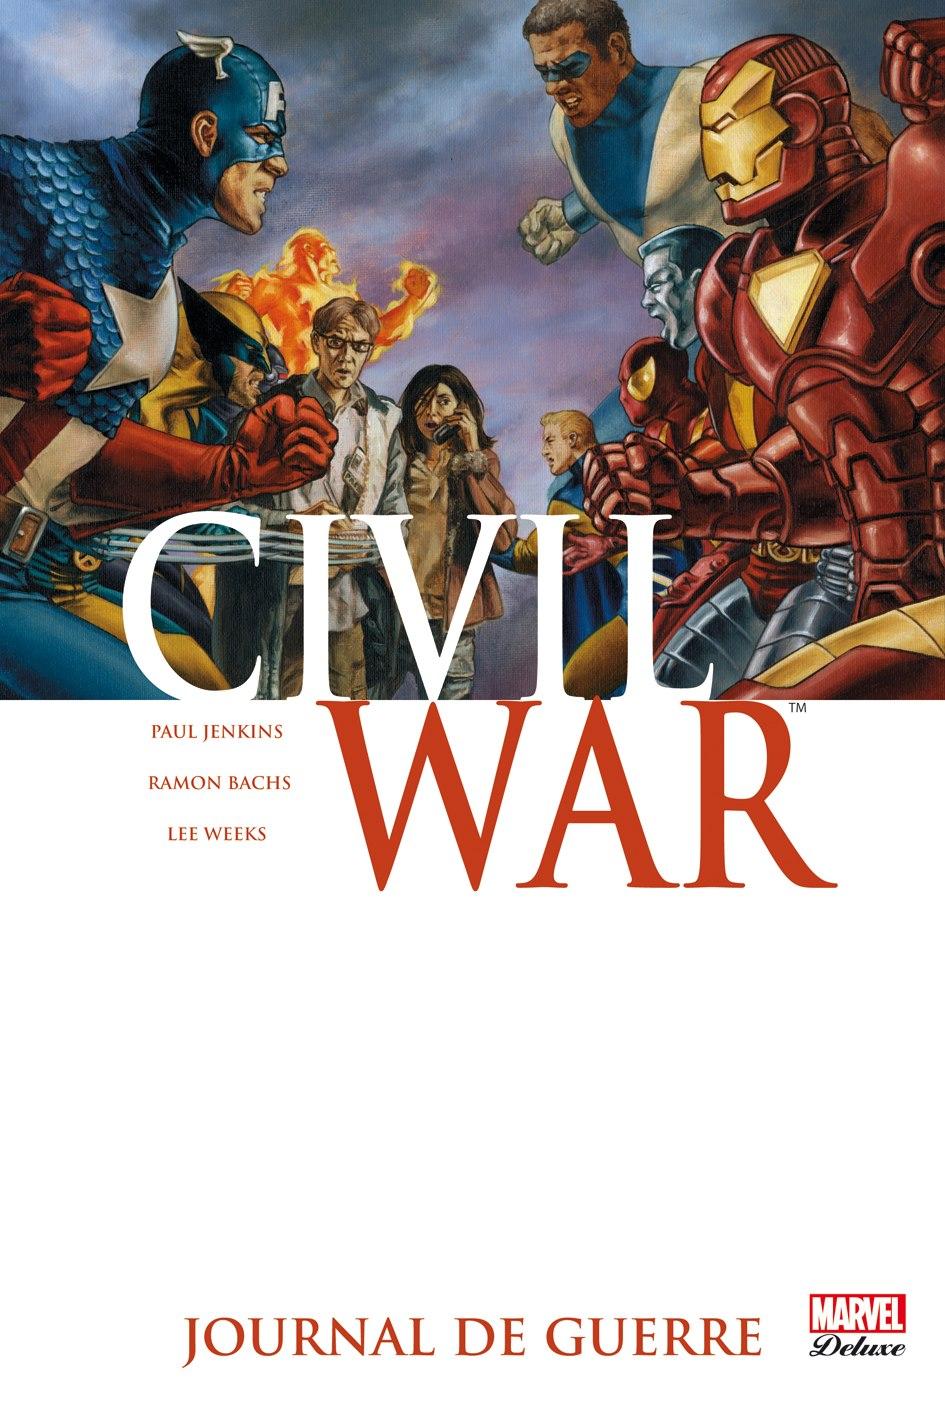 CIVIL WAR 4 : JOURNAL DE GUERRE